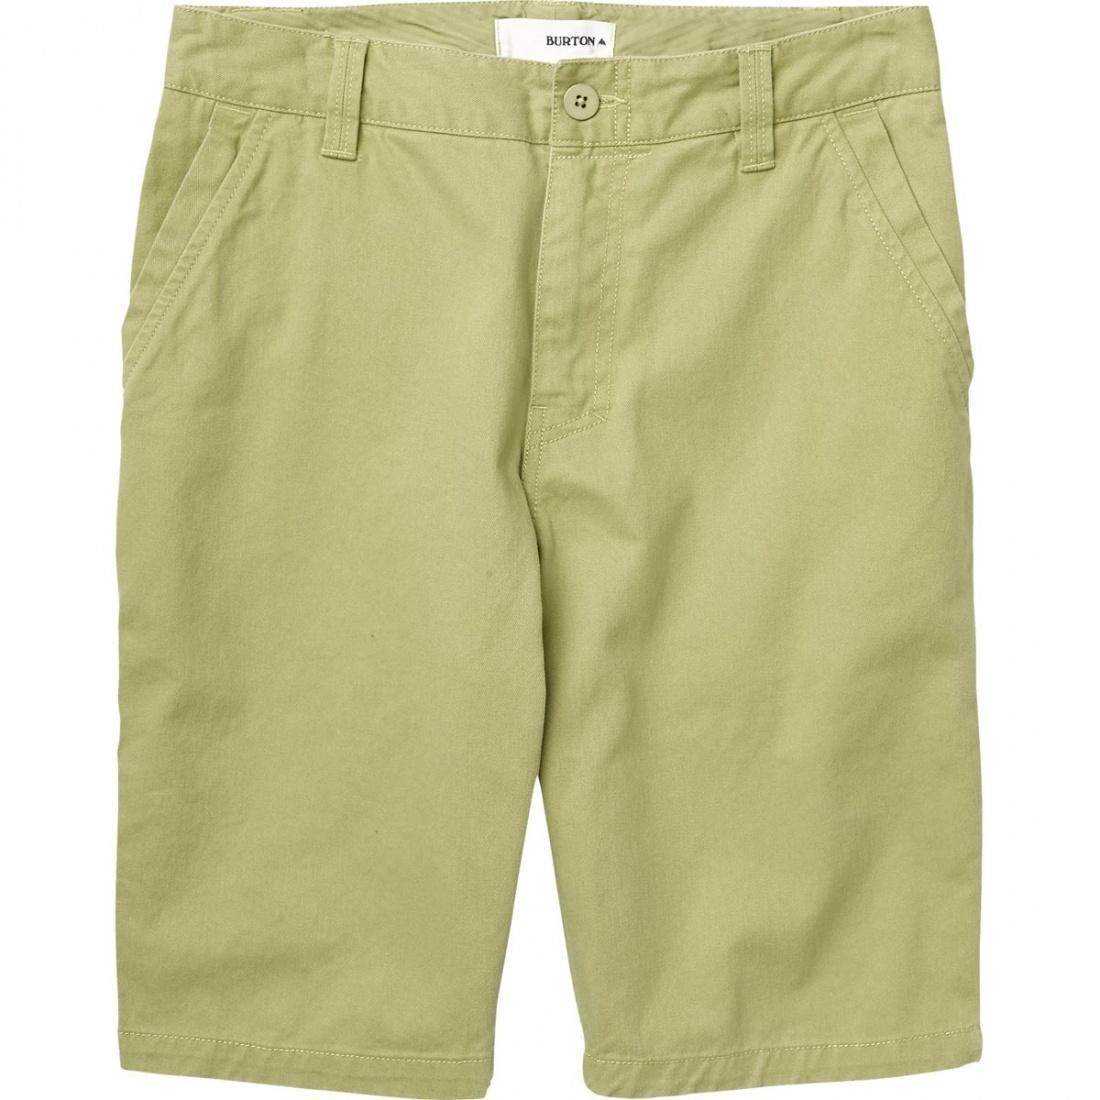 Шорты MNS CHILL SHORTШорты, бриджи<br>Эти шорты созданы специально для расслабленного времяпрепровождения на летних пикниках и музыкальных фестивалях под открытым небом.<br> &lt;b...<br><br>Цвет: Бежевый<br>Размер: 30